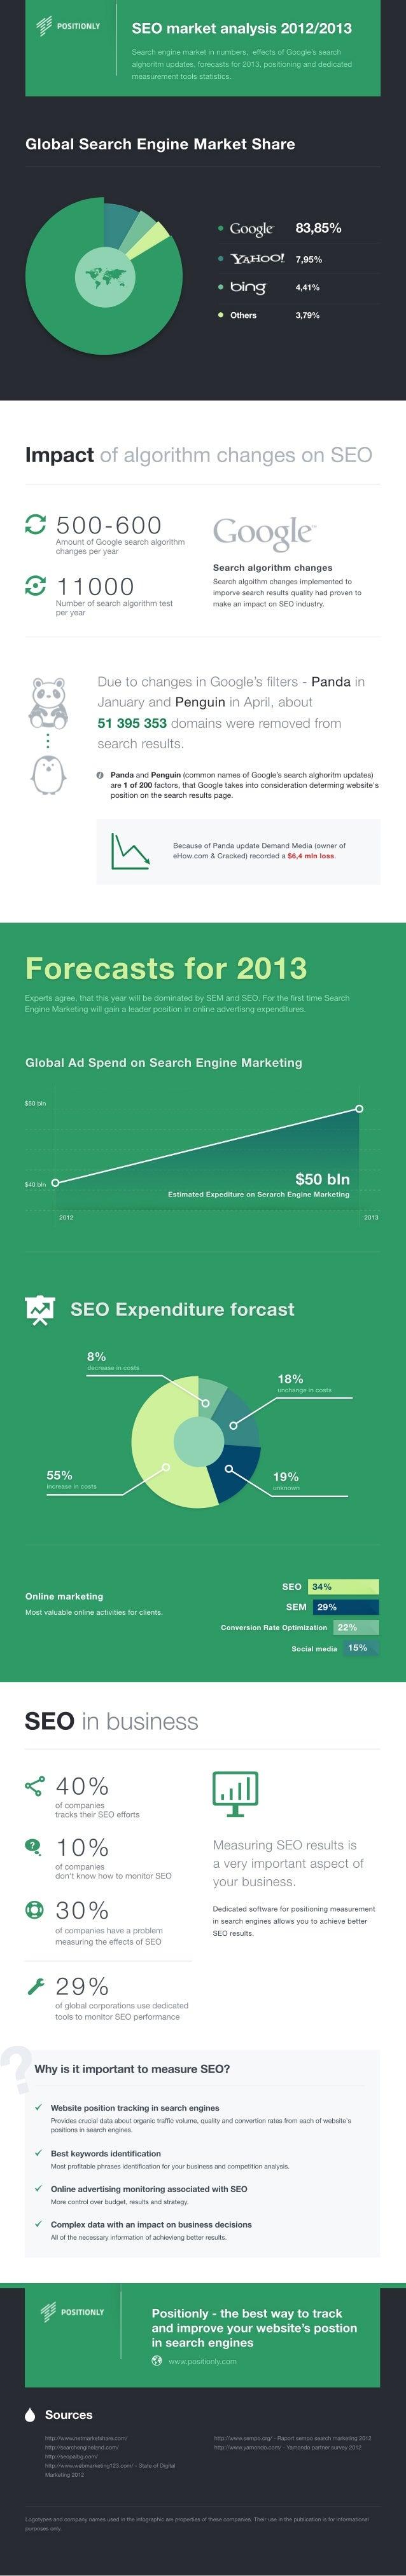 SEO Market Analysis 2013